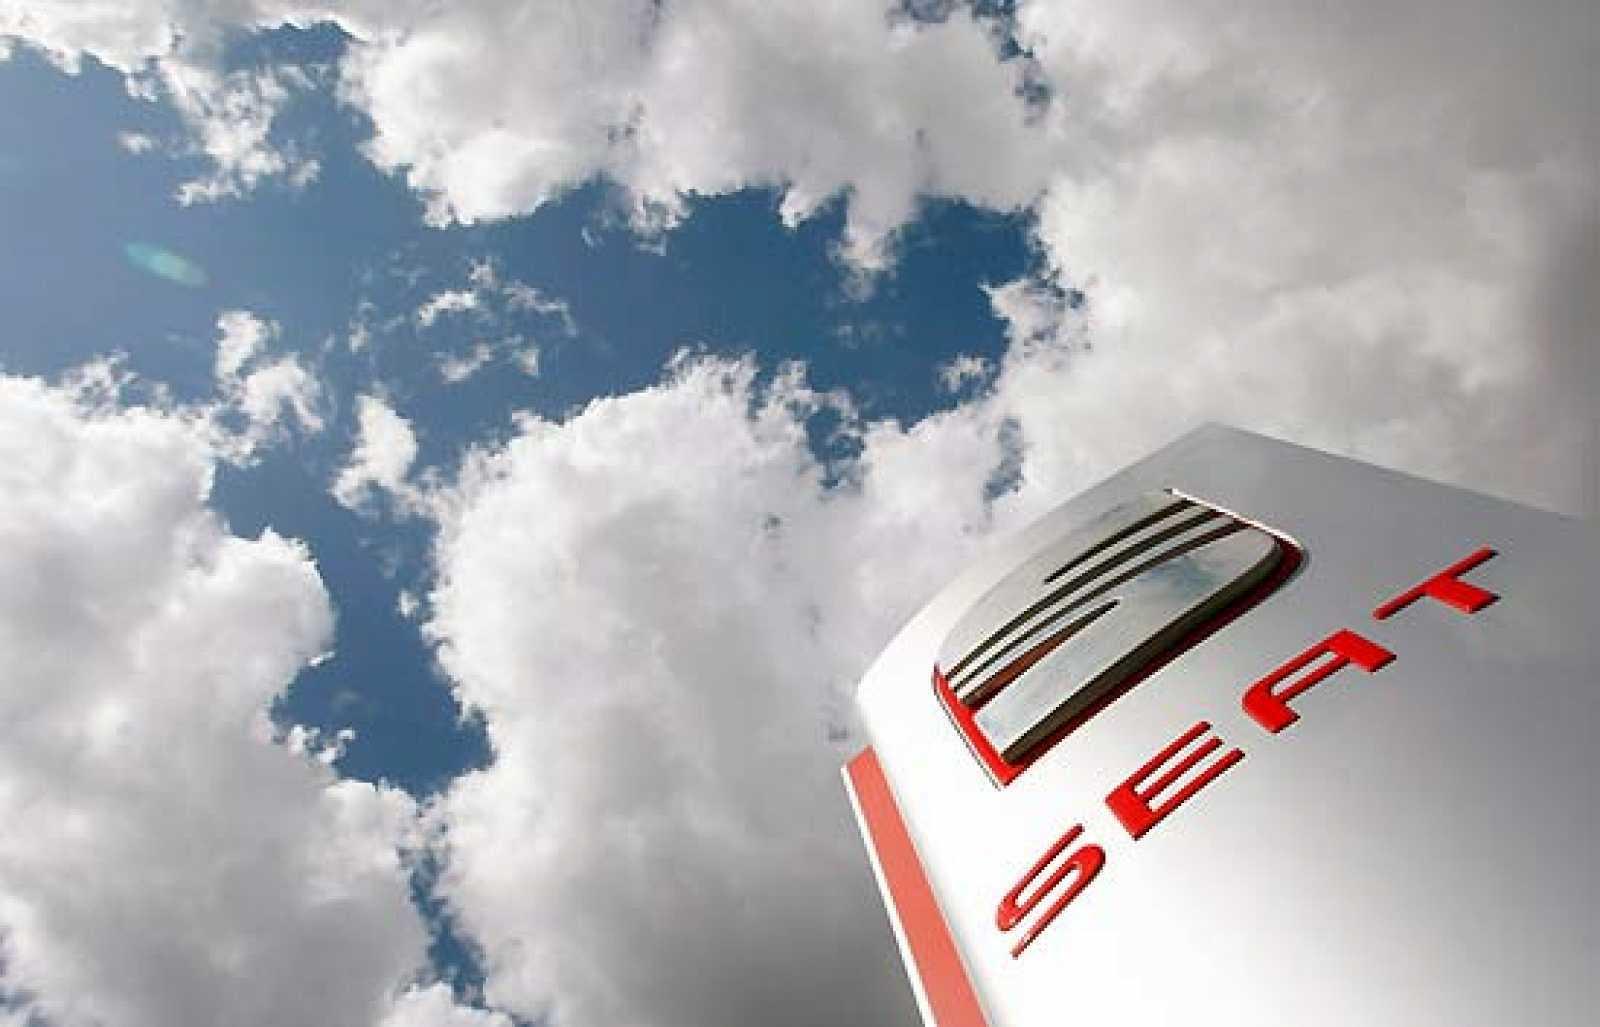 Edició Migdia - SEAT fabricarà el cotxe elèctric de VOLKSWAGEN